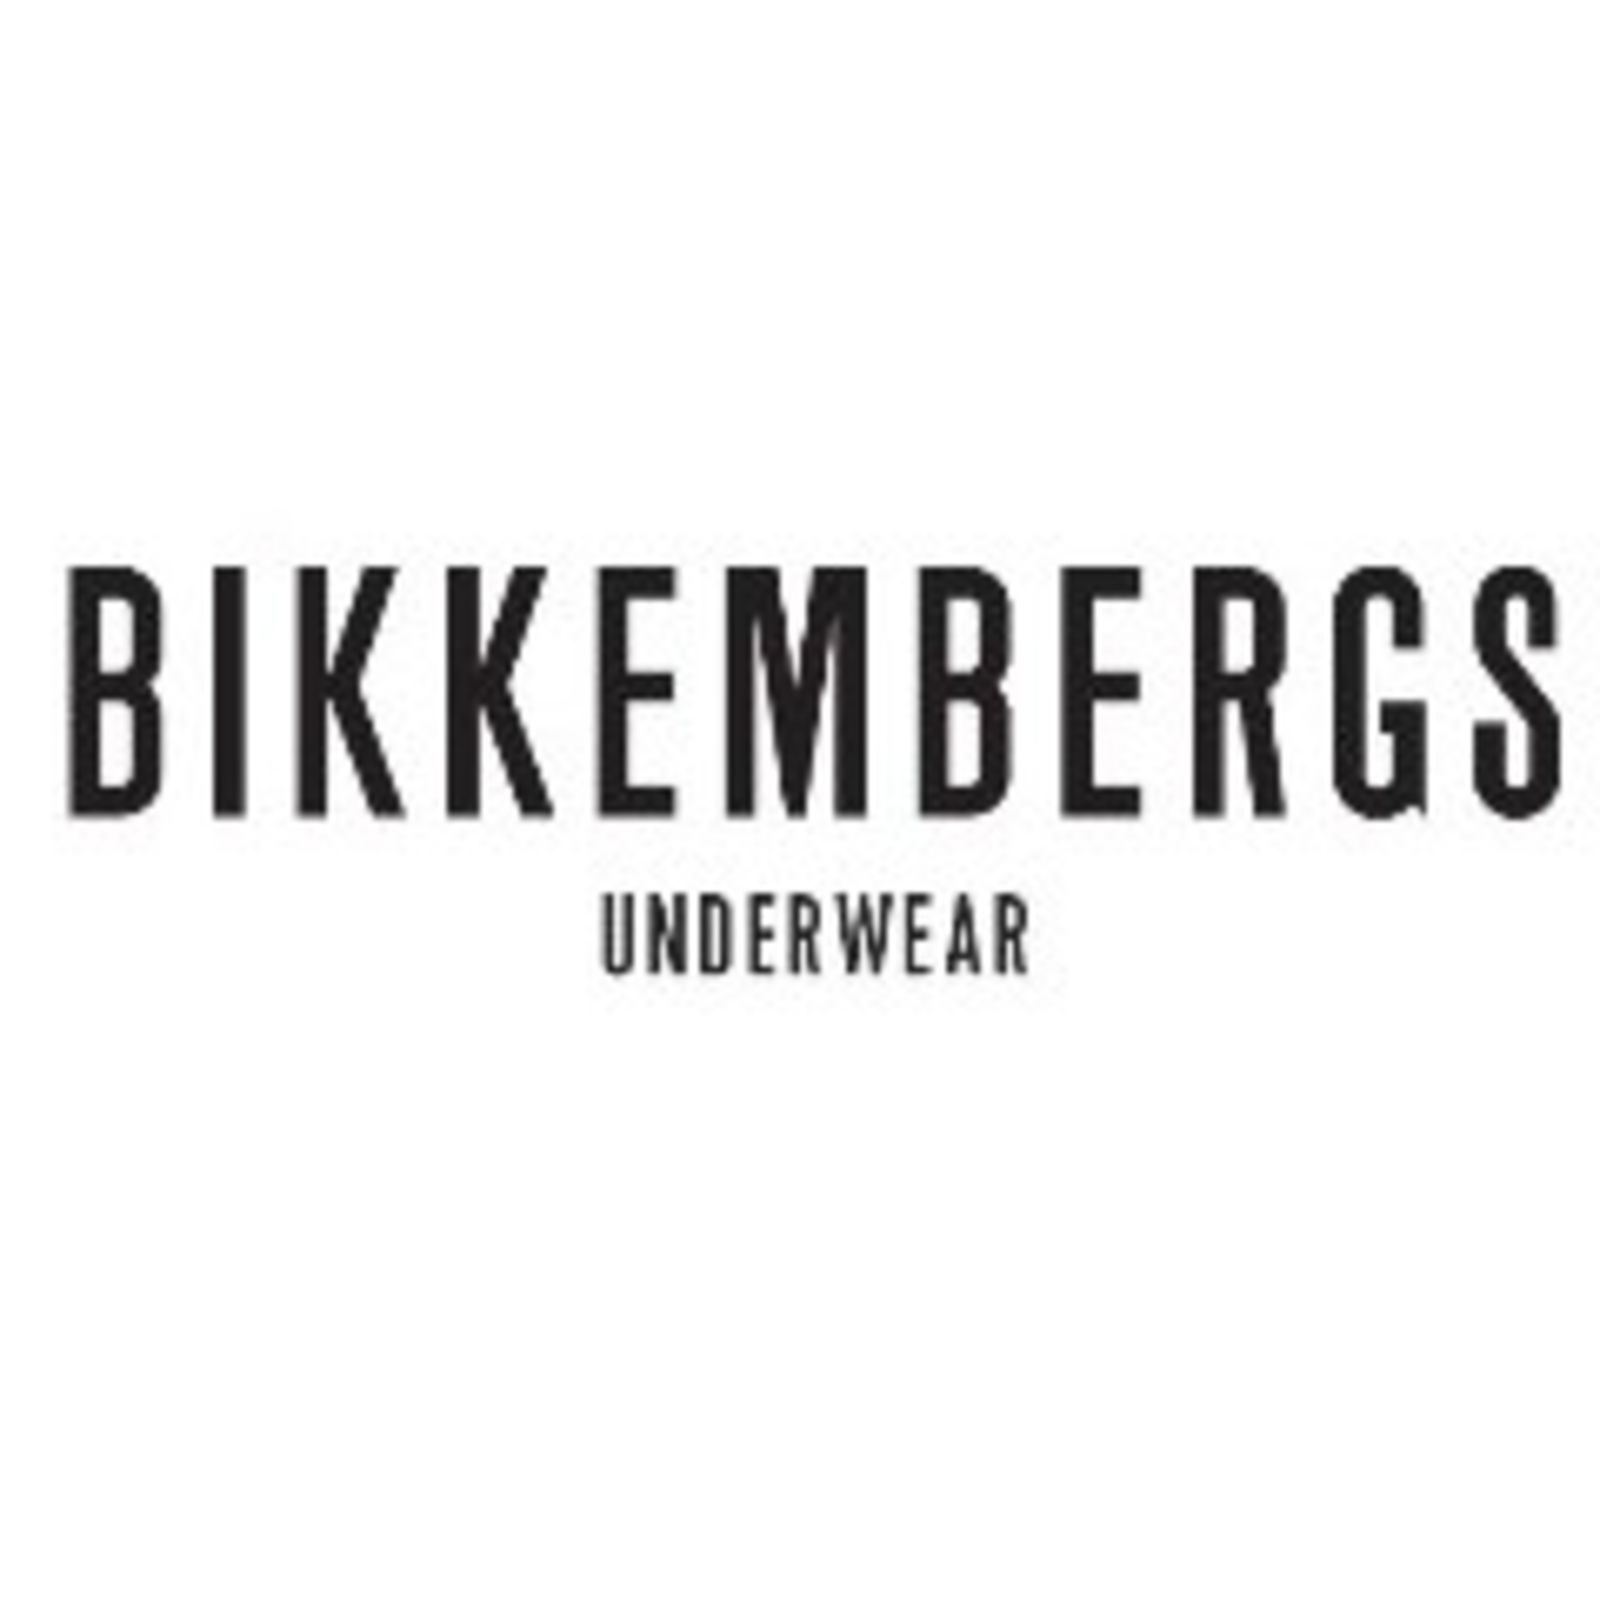 BIKKEMBERGS UNDERWEAR (Bild 1)